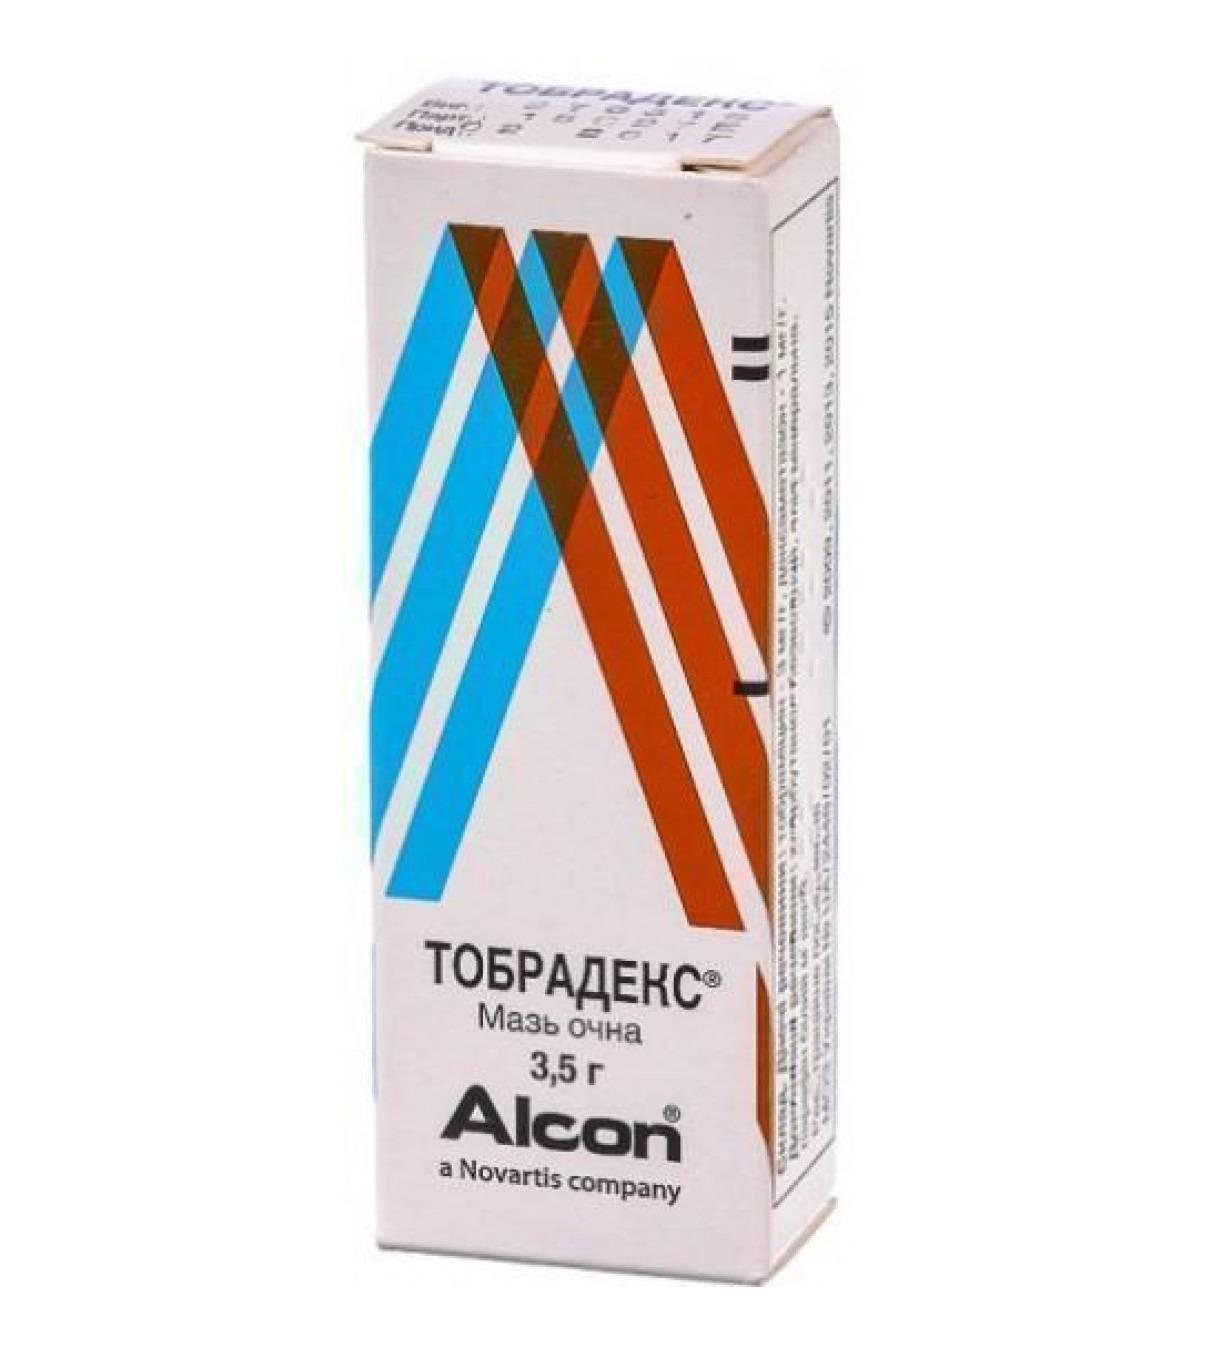 Тобрадекс глазные капли: инструкция по применению, цена, аналоги